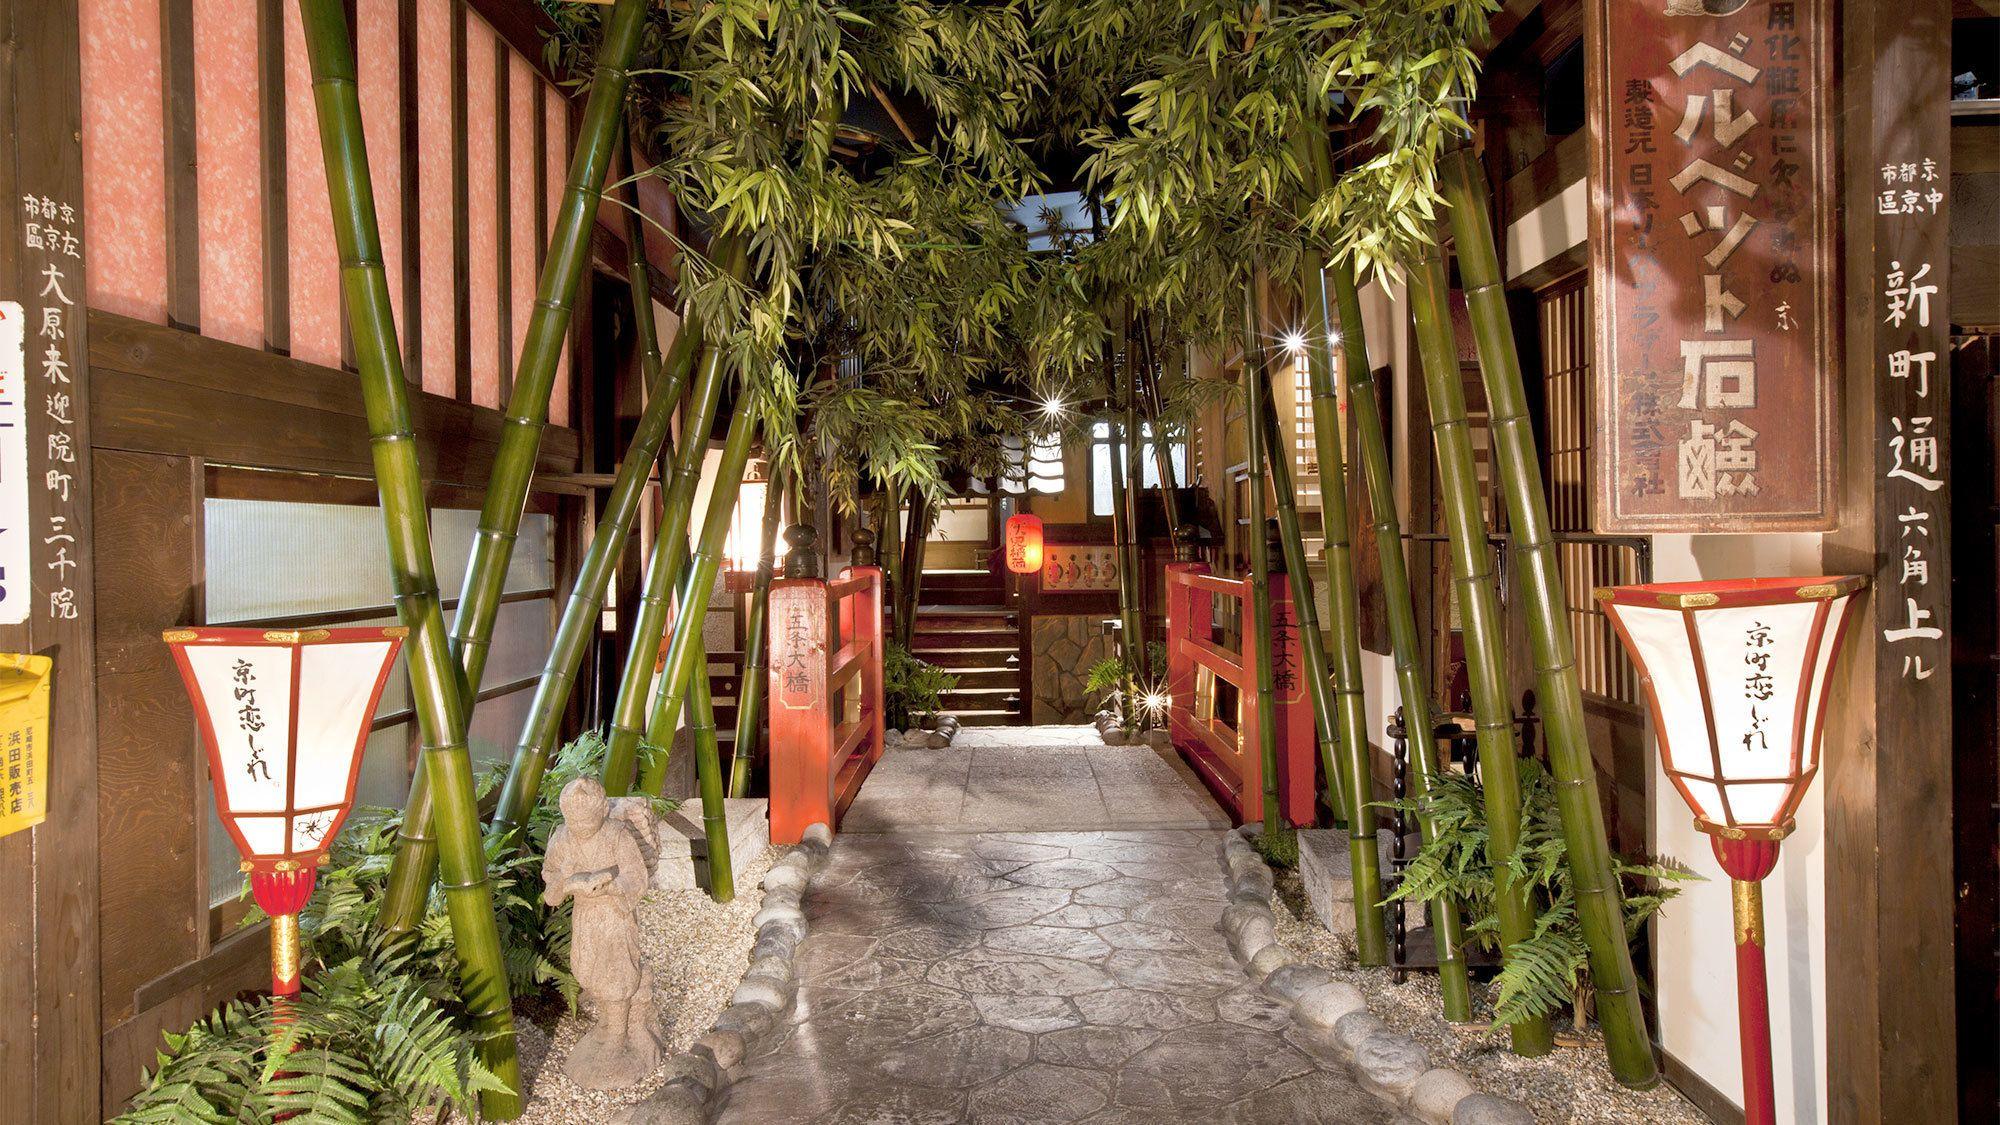 Kyoto Themed Izakaya Restaurant in Tokyo